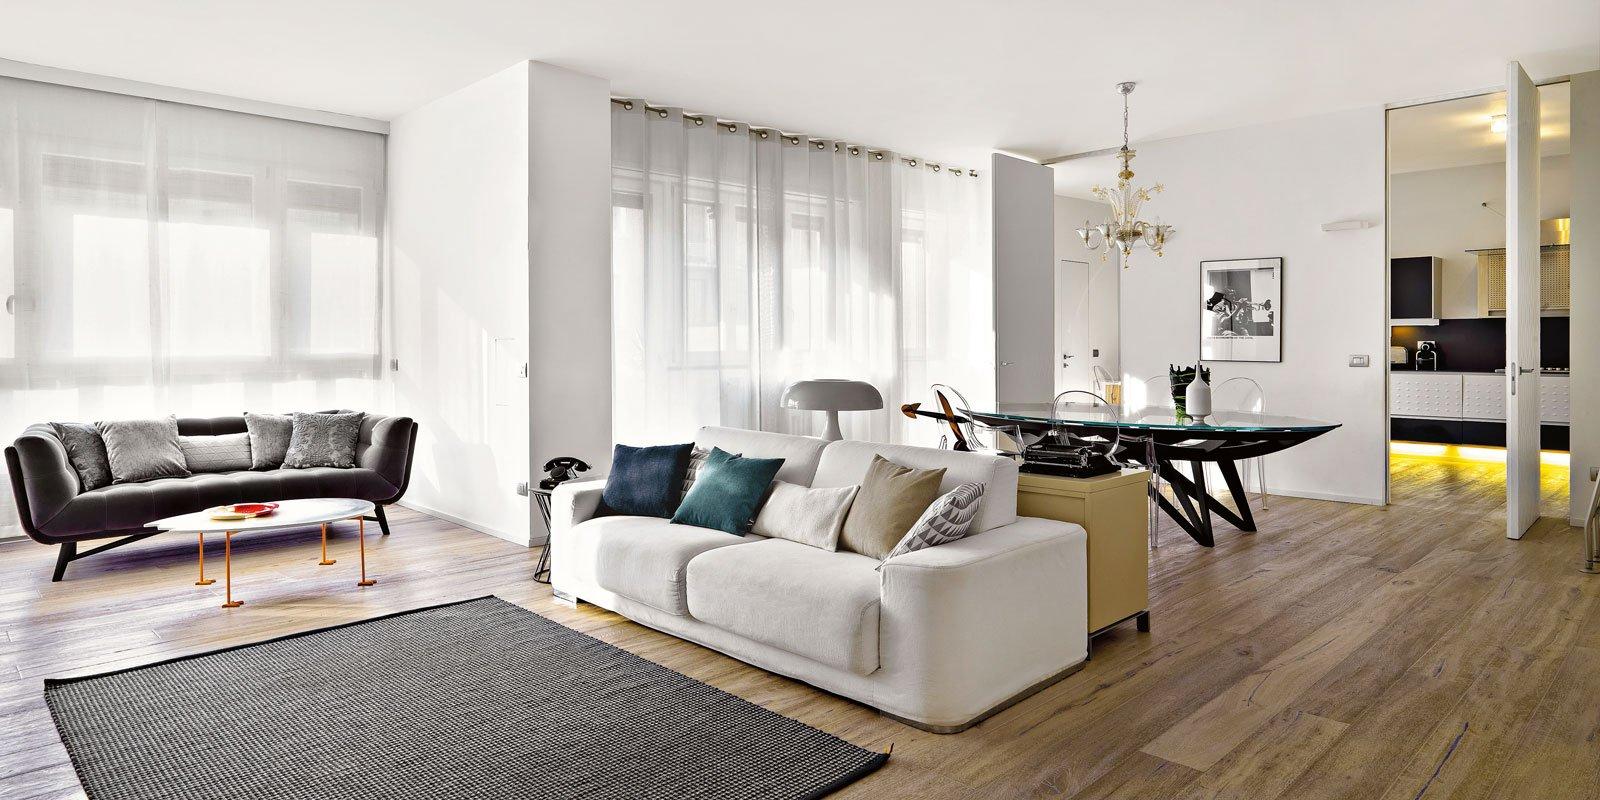 150 mq tutti da copiare dalla divisione soggiorno cucina for Progetti case moderne interni